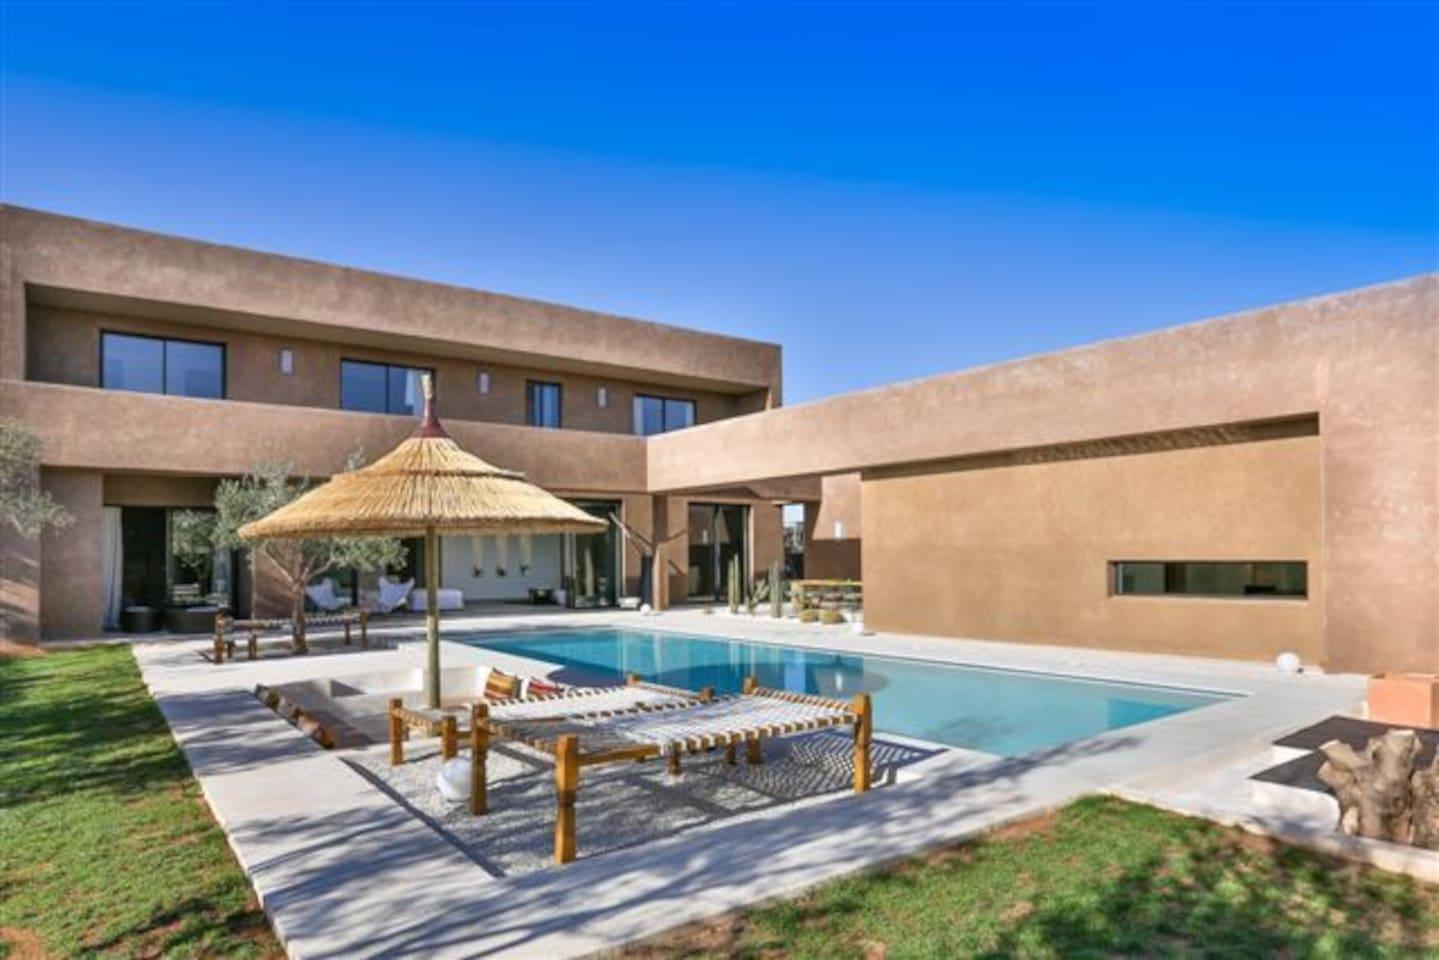 THE VILLA ANOUCK - Villas for Rent in Marrakech, Marrakech-Tensift ...